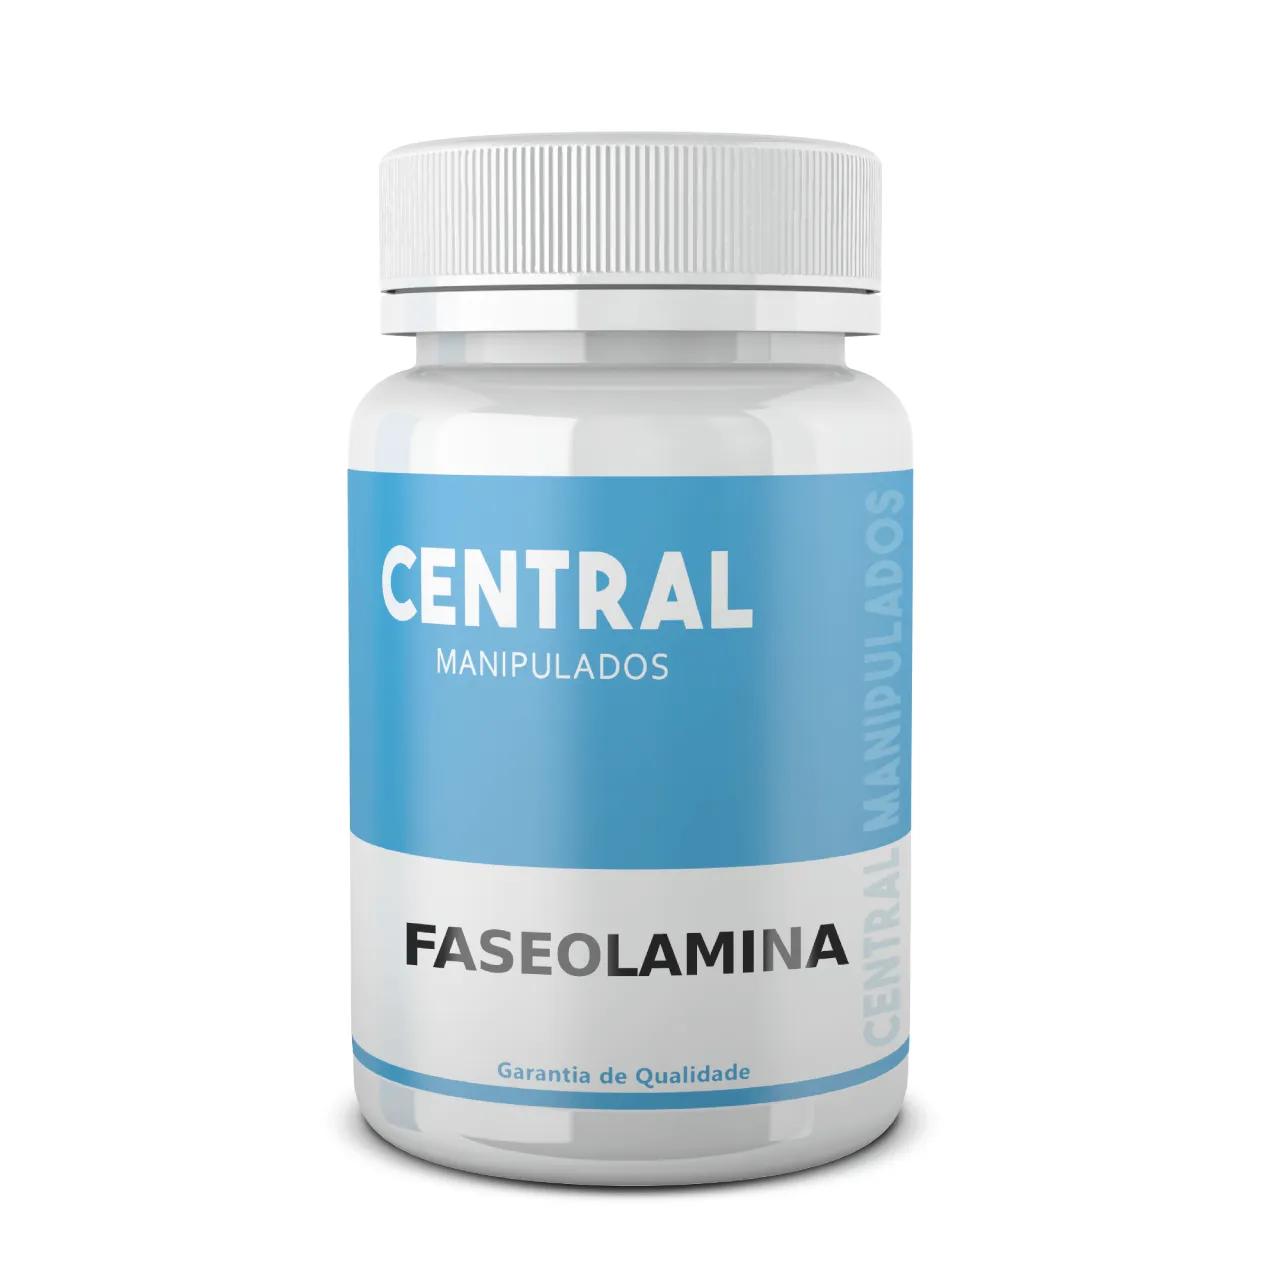 Faseolamina 500mg - 120 cápsulas  - Emagrecedor e Bloqueador de Carboidratos